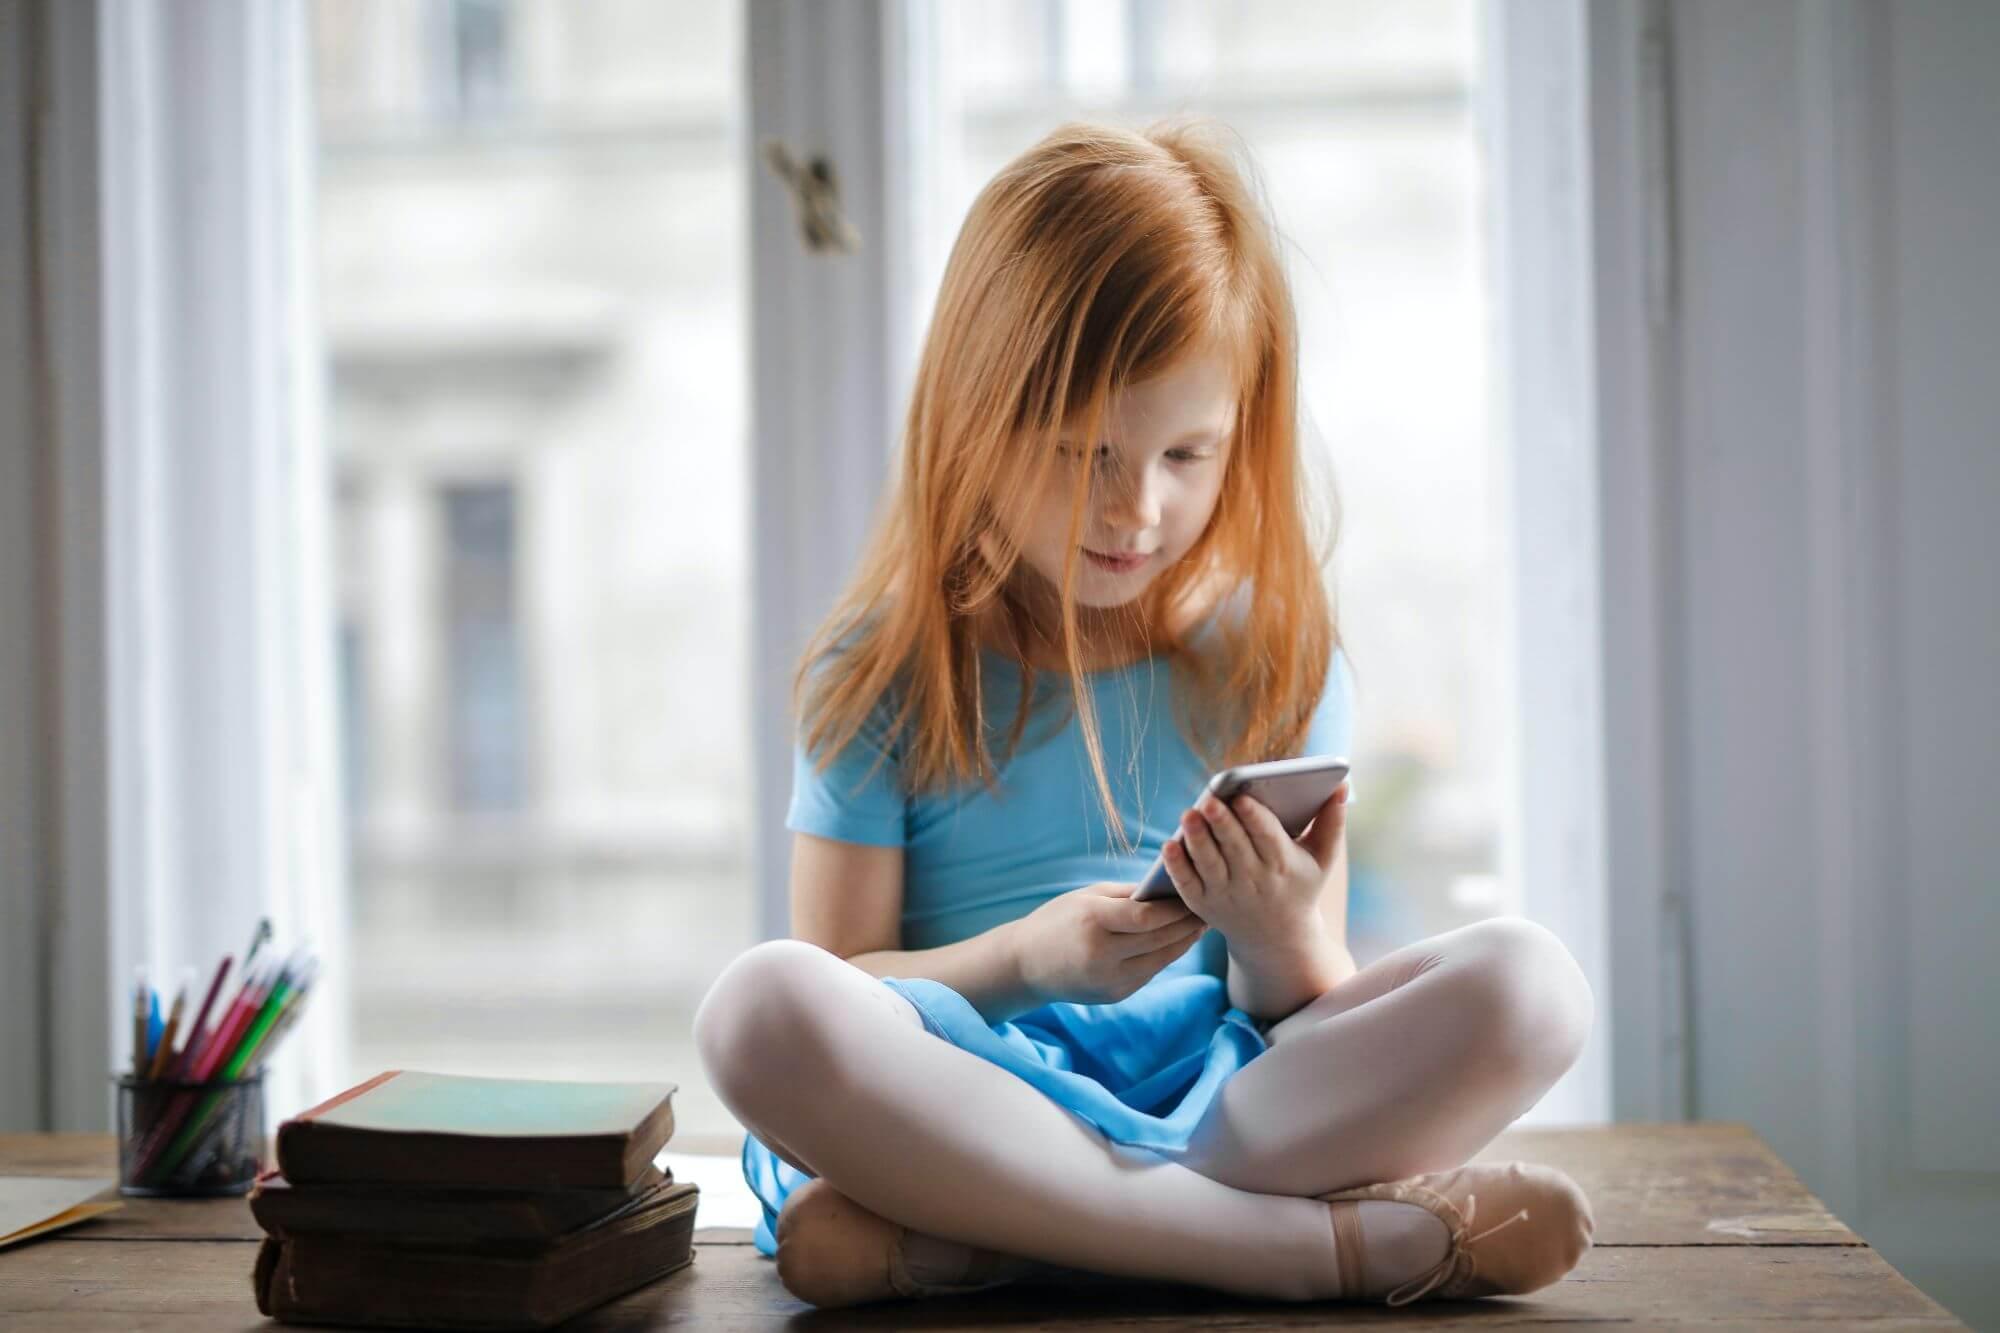 子供の英語学習にアプリを使うメリット